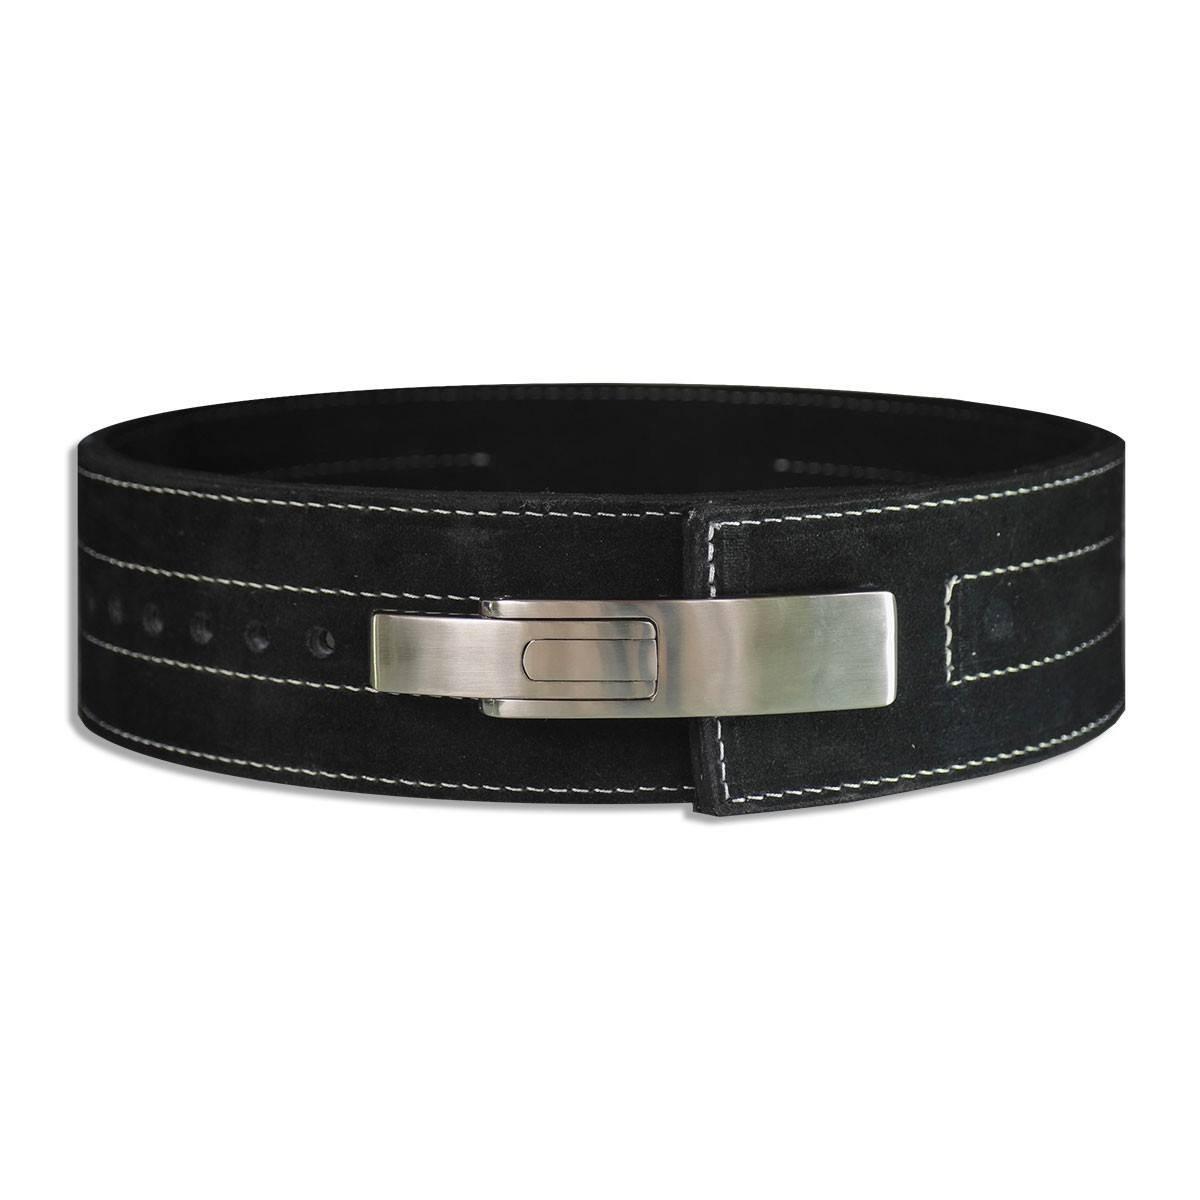 Belt Lifts: Weight Lifting Lever Belt 10mm Buckle Inzer Power Belt, 1